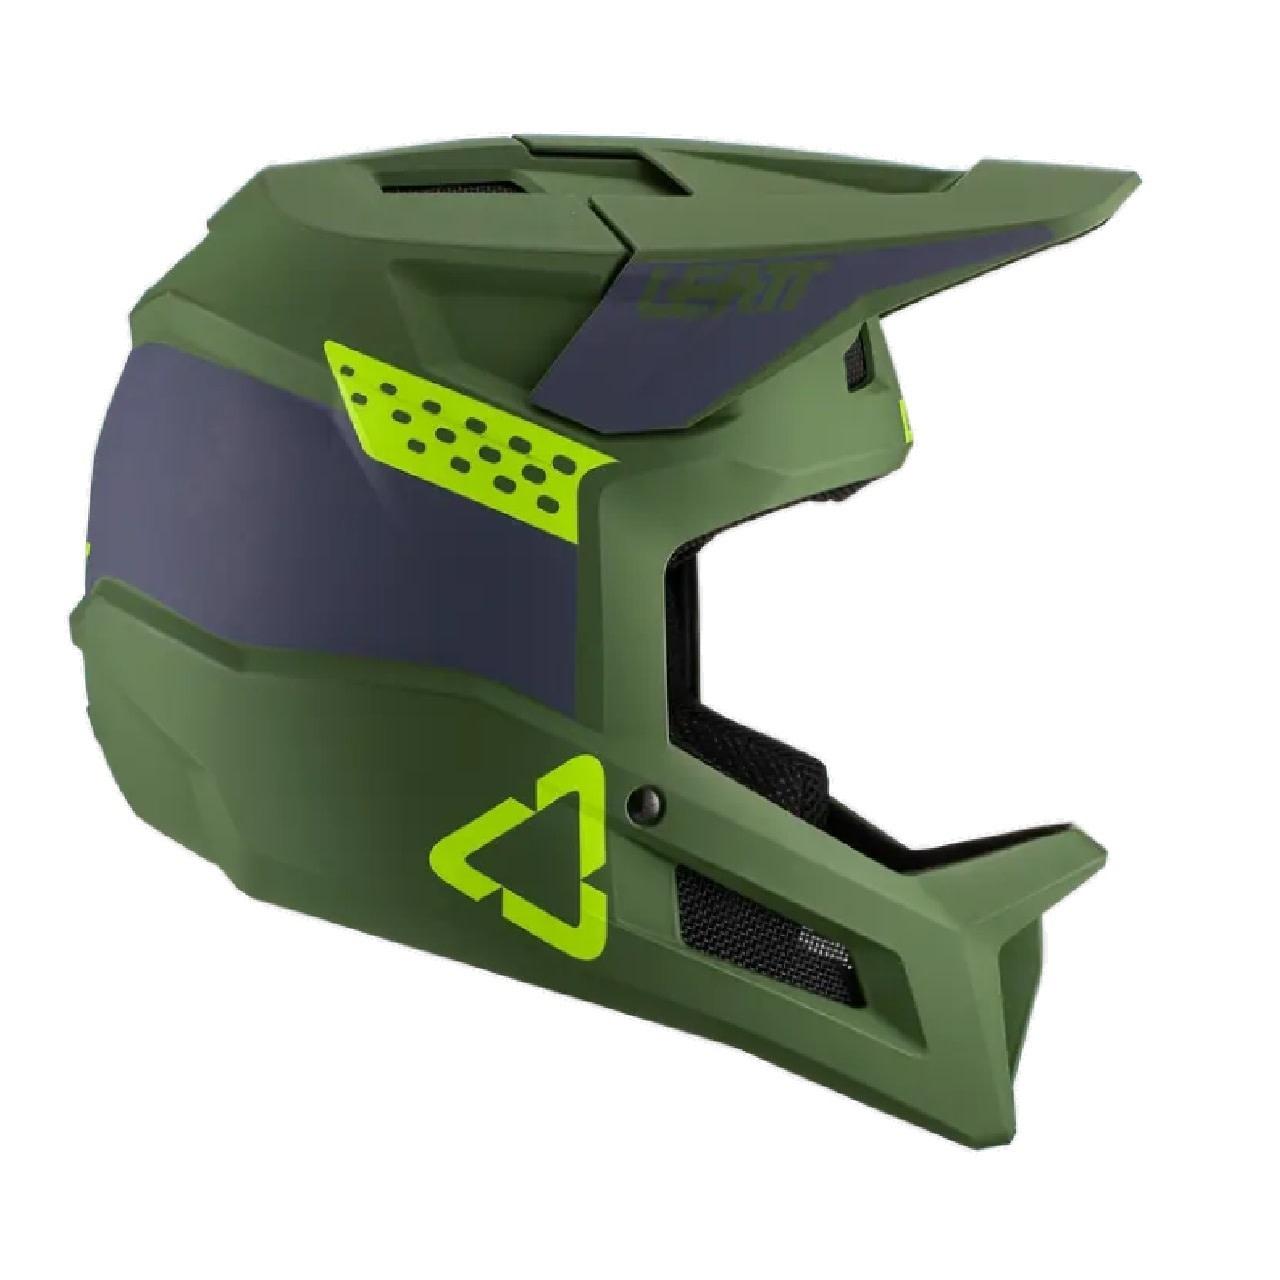 Leatt Leatt, MTB 1.0 DH, Full Face Helmet, Cactus, L, 59 - 60cm